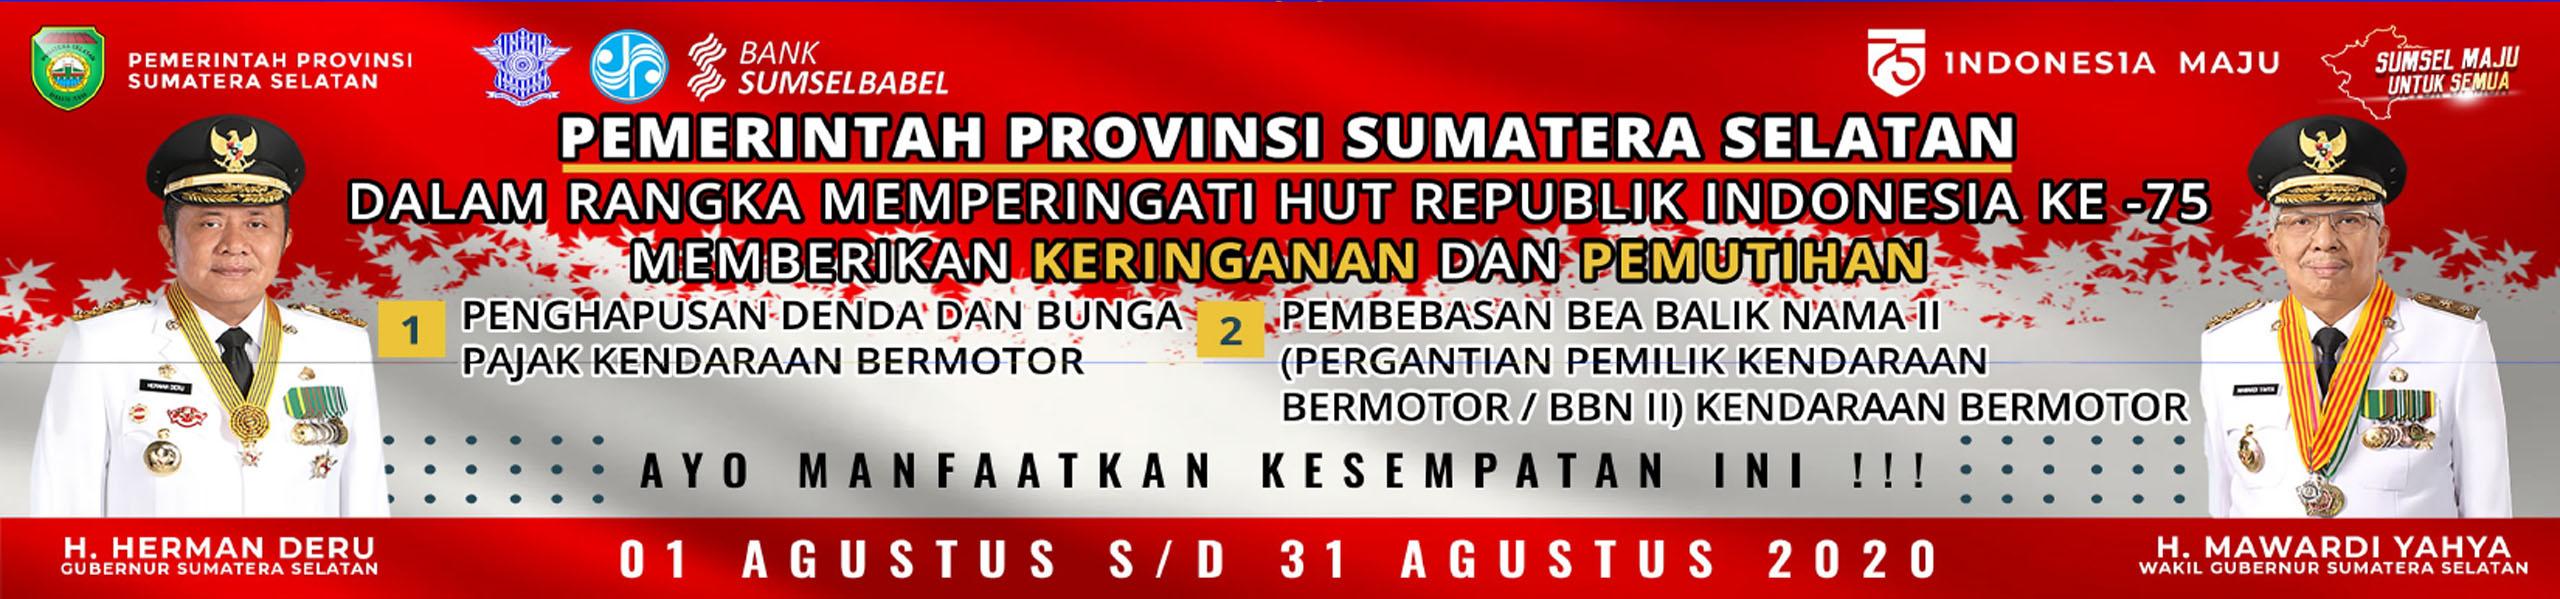 Graha Nusantara - Gubernur dan Wakil Gubernur, Herman Deru-Mawardi Yahya, Sumatera Selatan(Sumsel)